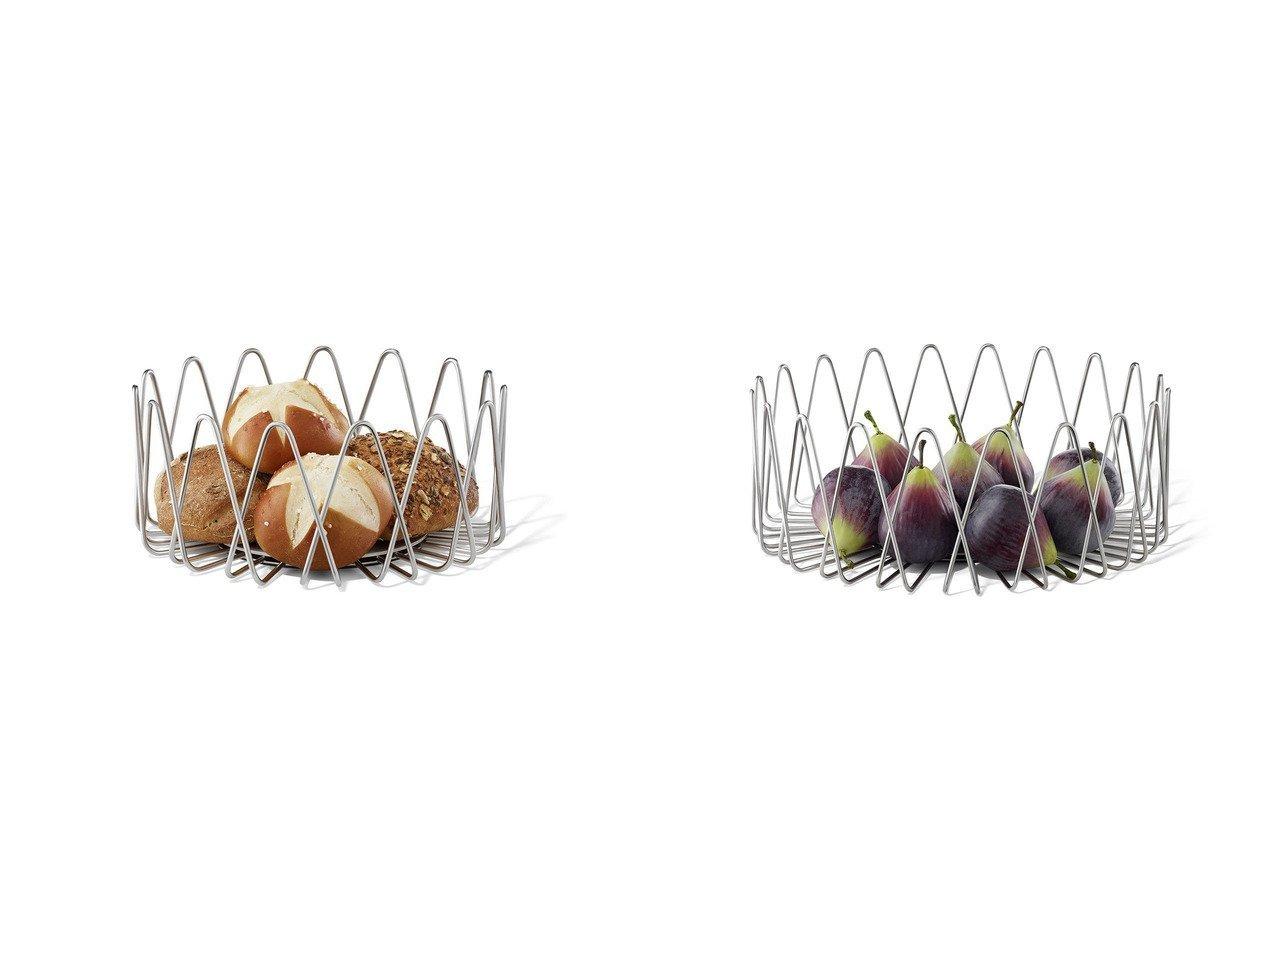 【ZACK/ツァック】のビヴィオ フルーツバスケット Lサイズ&ビヴィオ ブレッドバスケット Mサイズ 【FURNITURE】おすすめ!人気、インテリア雑貨・家具の通販 おすすめで人気の流行・トレンド、ファッションの通販商品 インテリア・家具・メンズファッション・キッズファッション・レディースファッション・服の通販 founy(ファニー) https://founy.com/ テーブル 送料無料 Free Shipping バスケット  ID:crp329100000063895